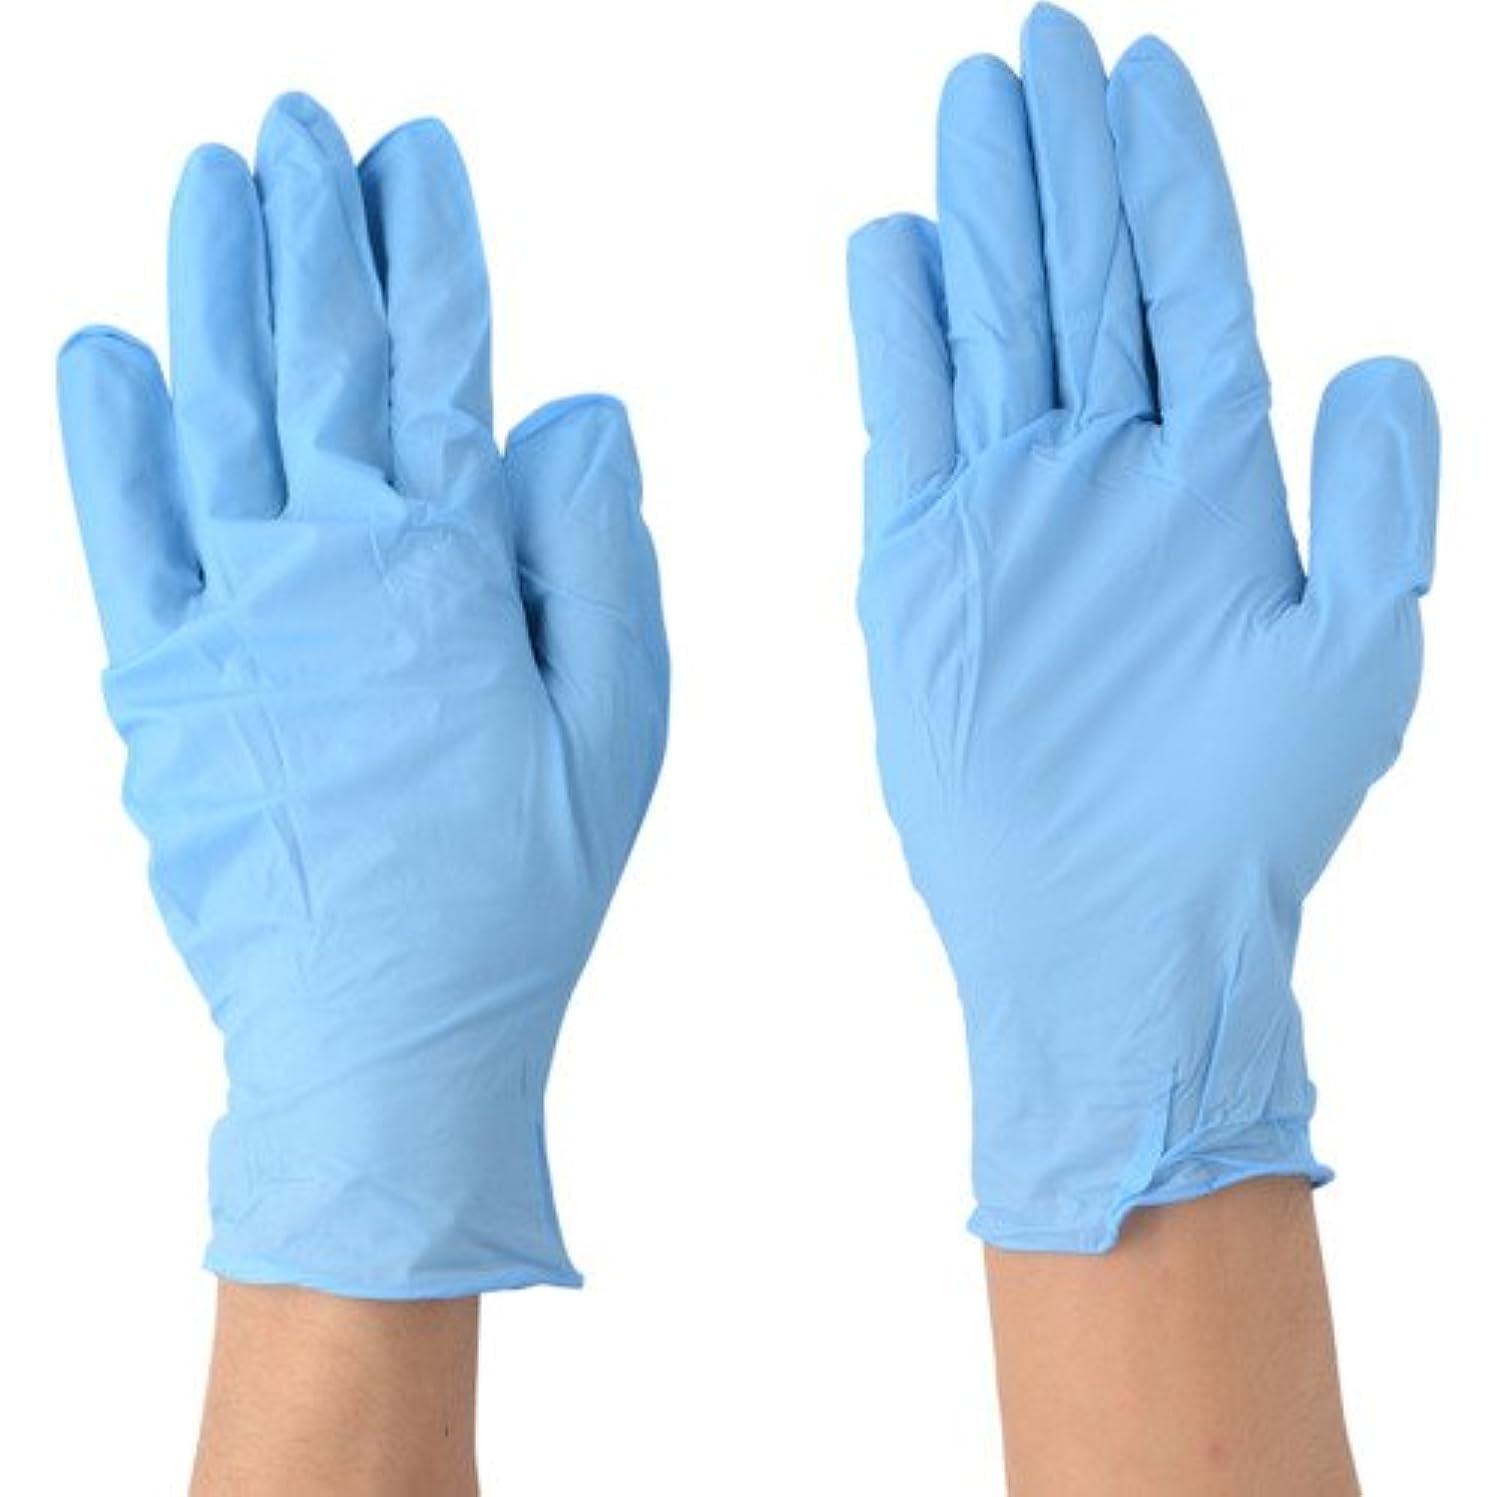 集中的な旅客完全に乾く川西工業 ニトリル 極薄手袋 ストロング 粉なし 100枚入 #2037 ブルー SS